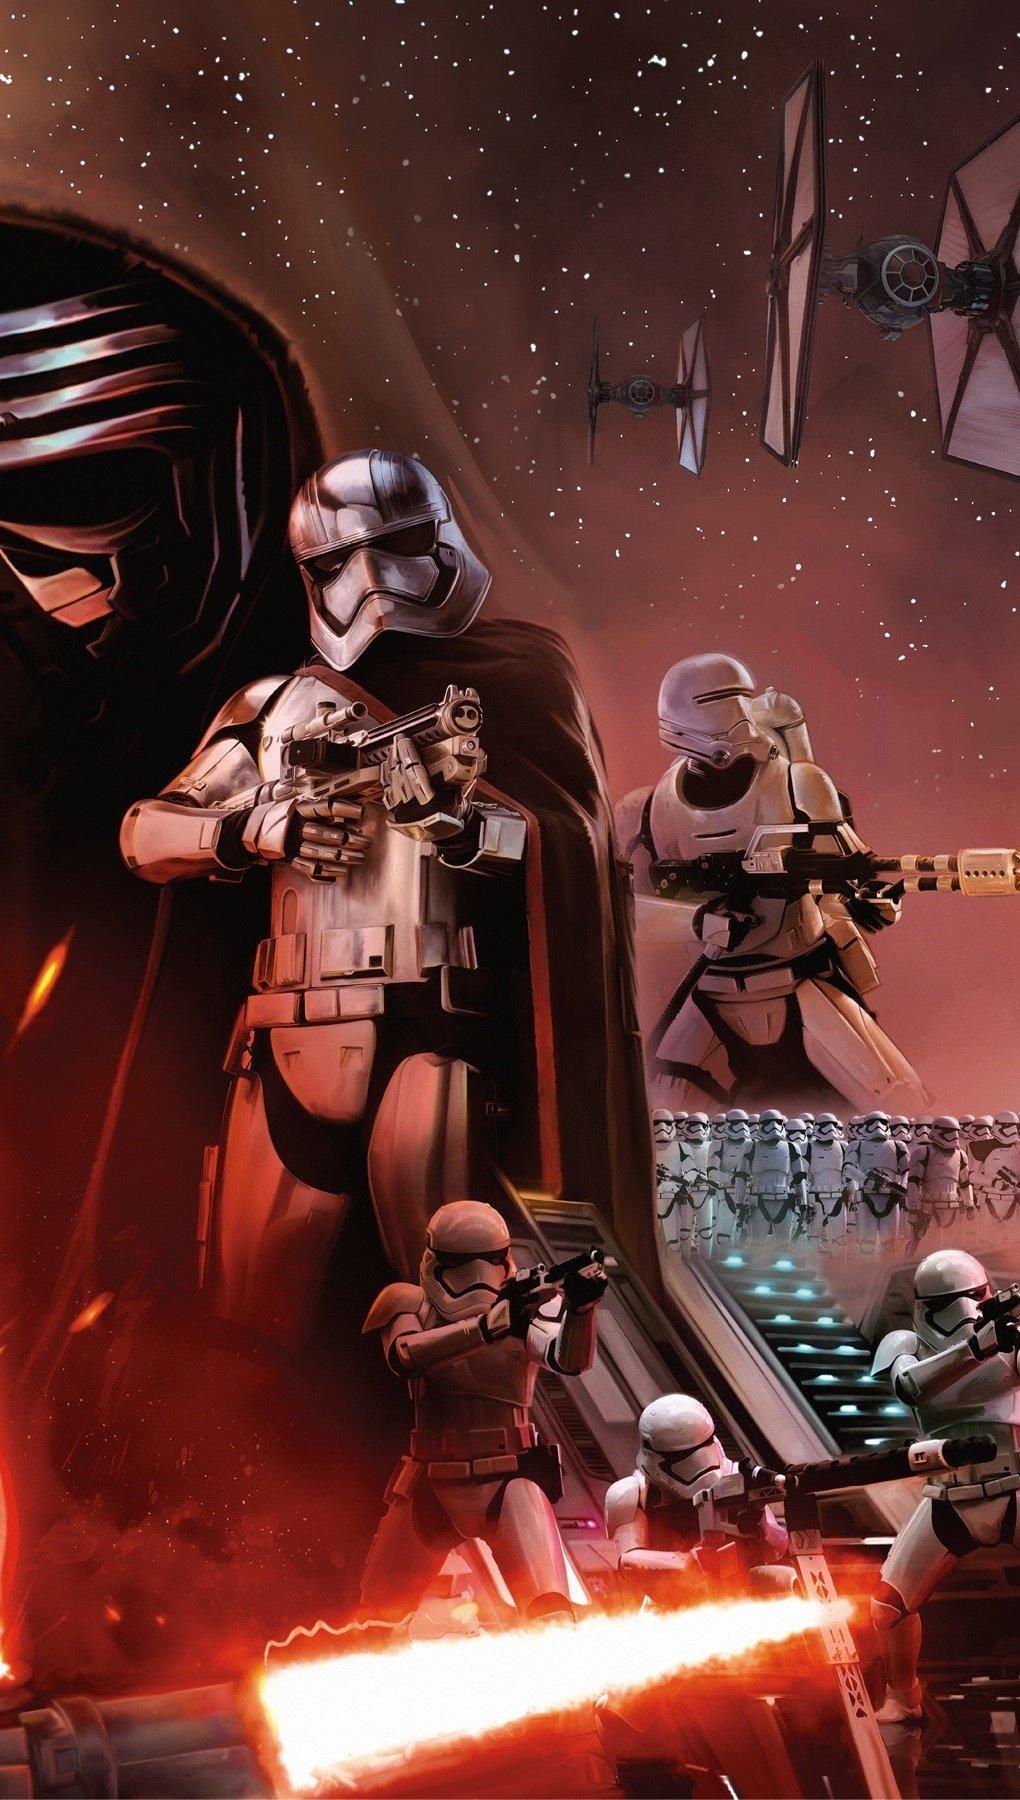 Fondos de pantalla Star Wars Episodio 7 El despertar de la fuerza Vertical